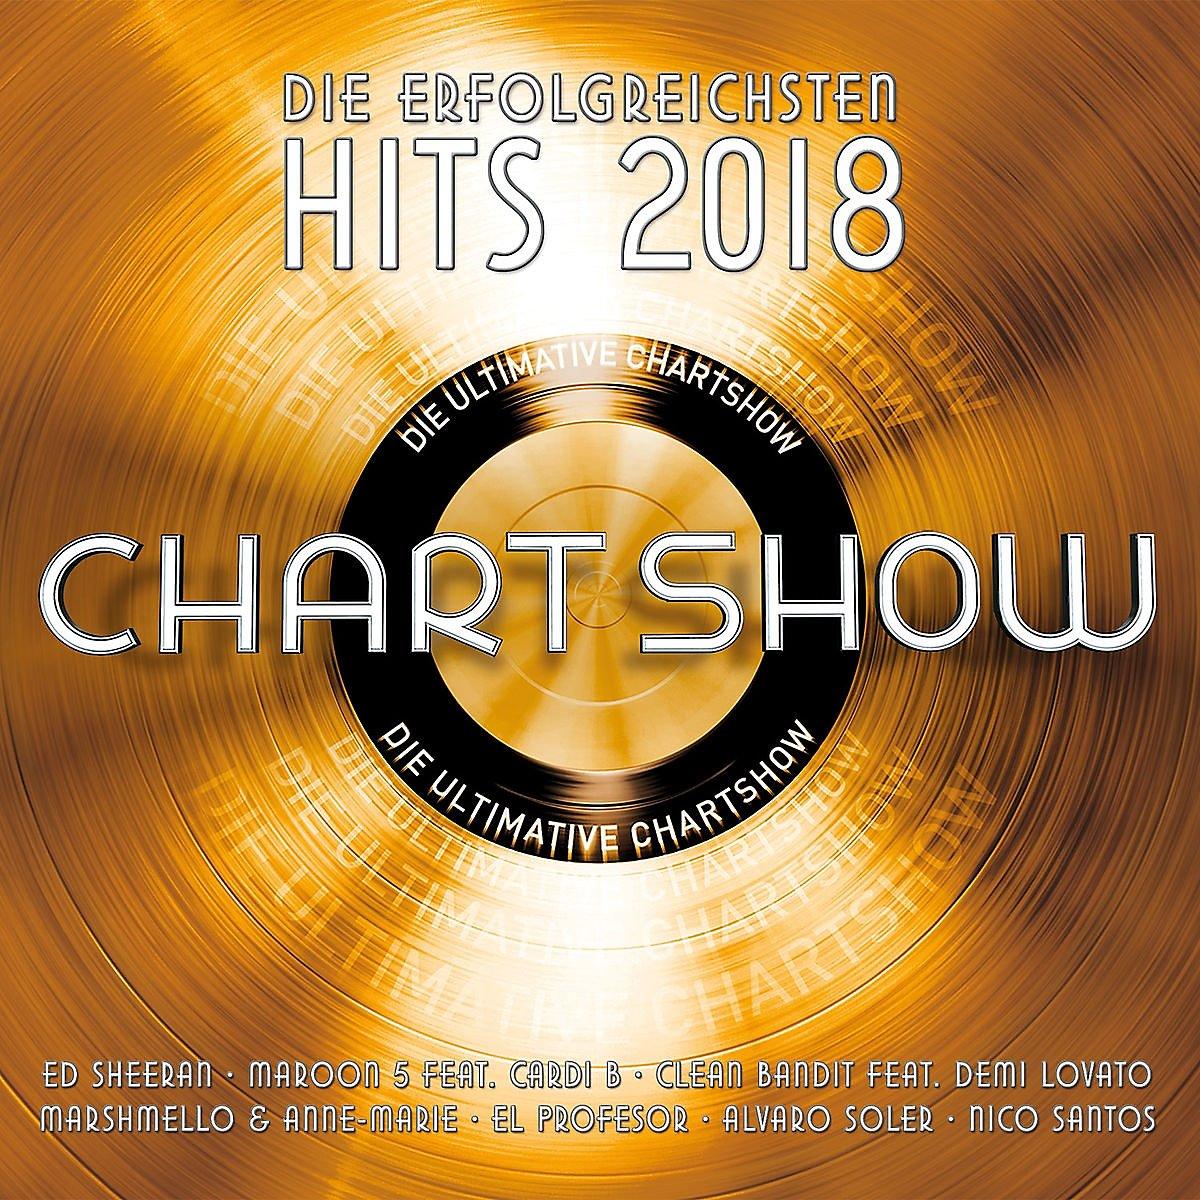 Weihnachtslieder Charts 2019.Die Ultimative Chartshow Die Erfolgreichsten Hits 2018 2 Cds Von